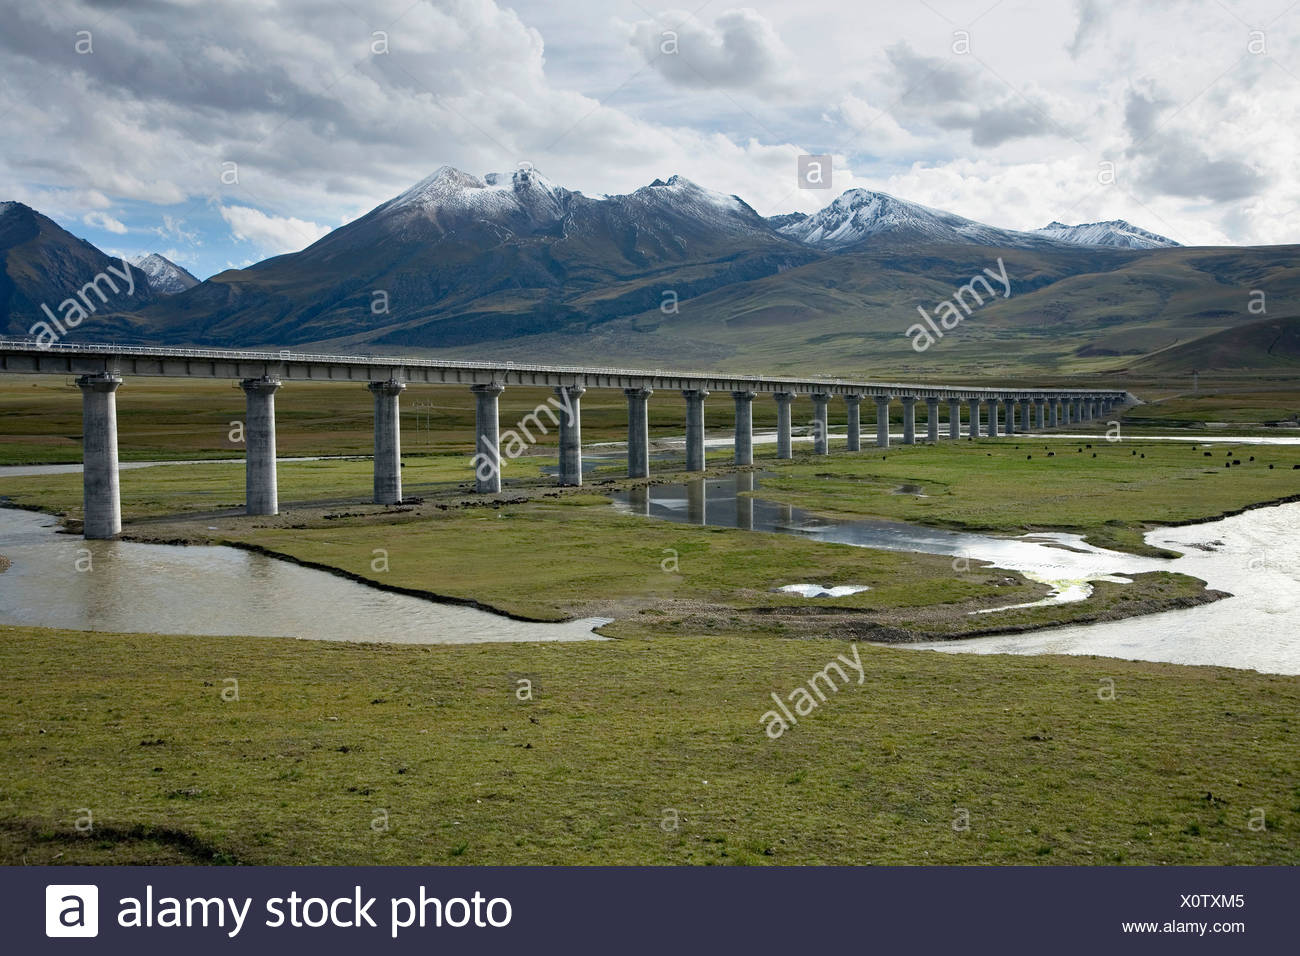 Qinghai-Tibet Railway - Stock Image